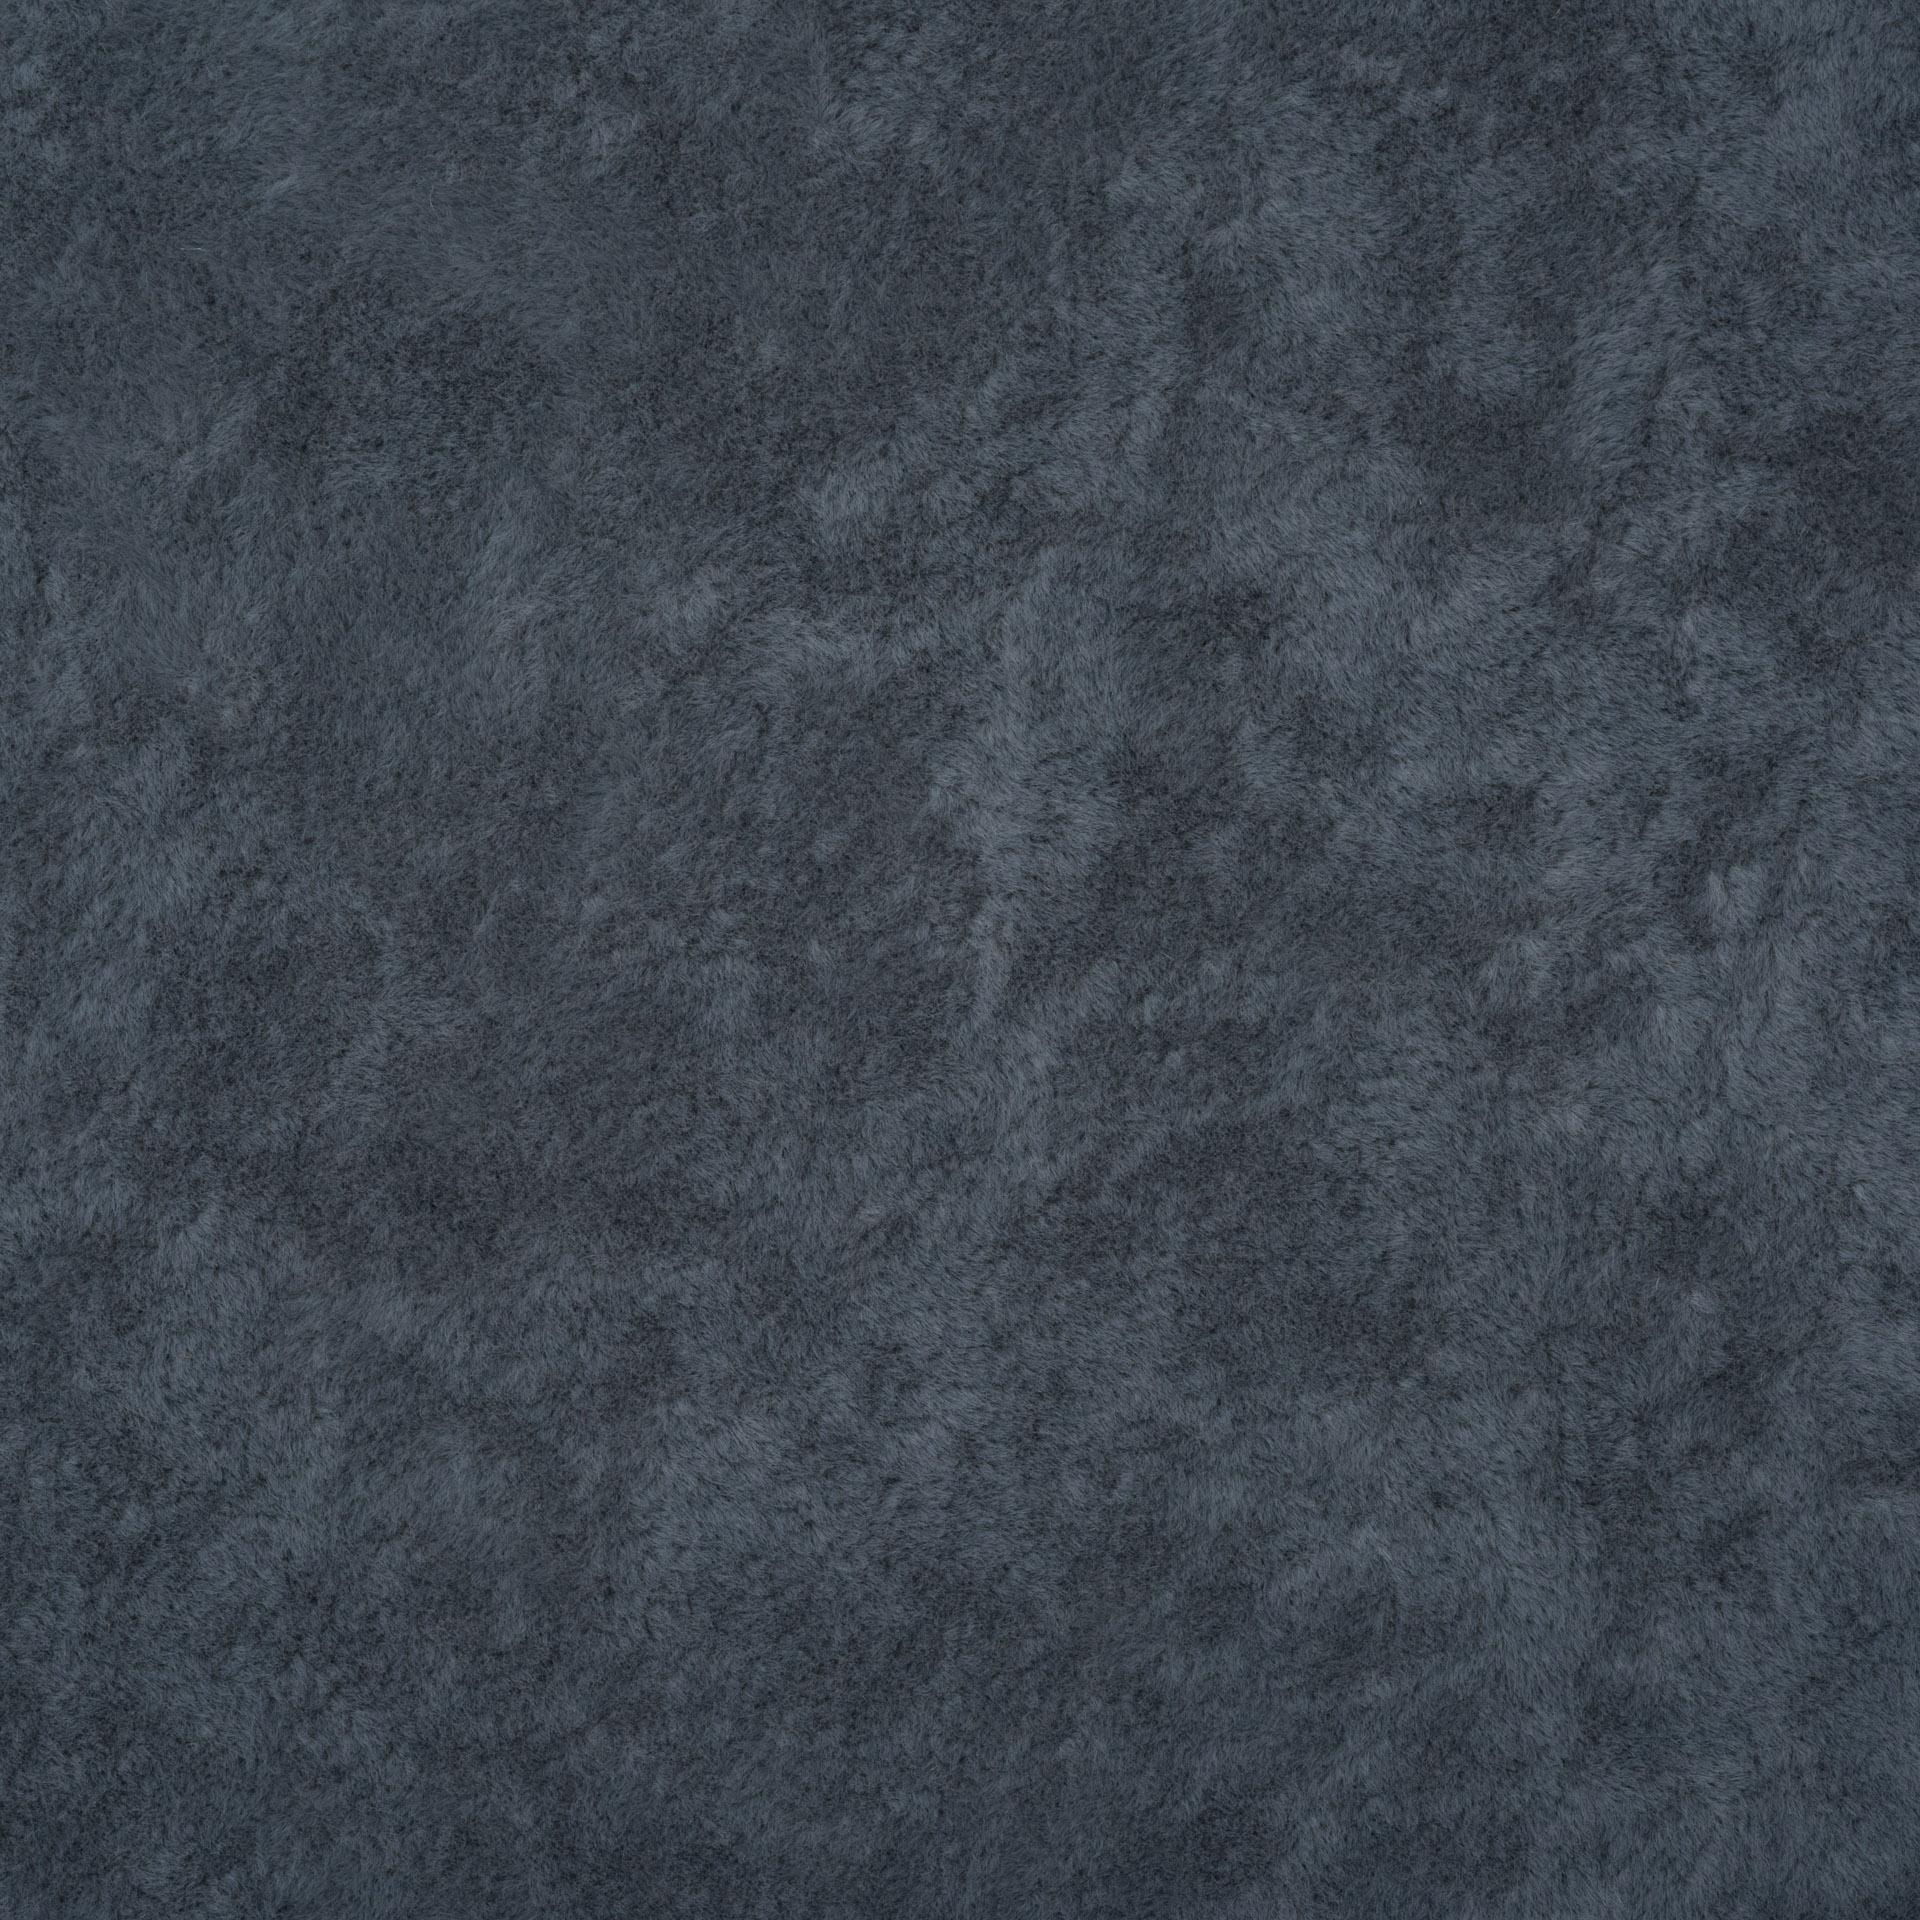 Коллекция ткани Финт GREY,  купить ткань Флок для мебели Украина